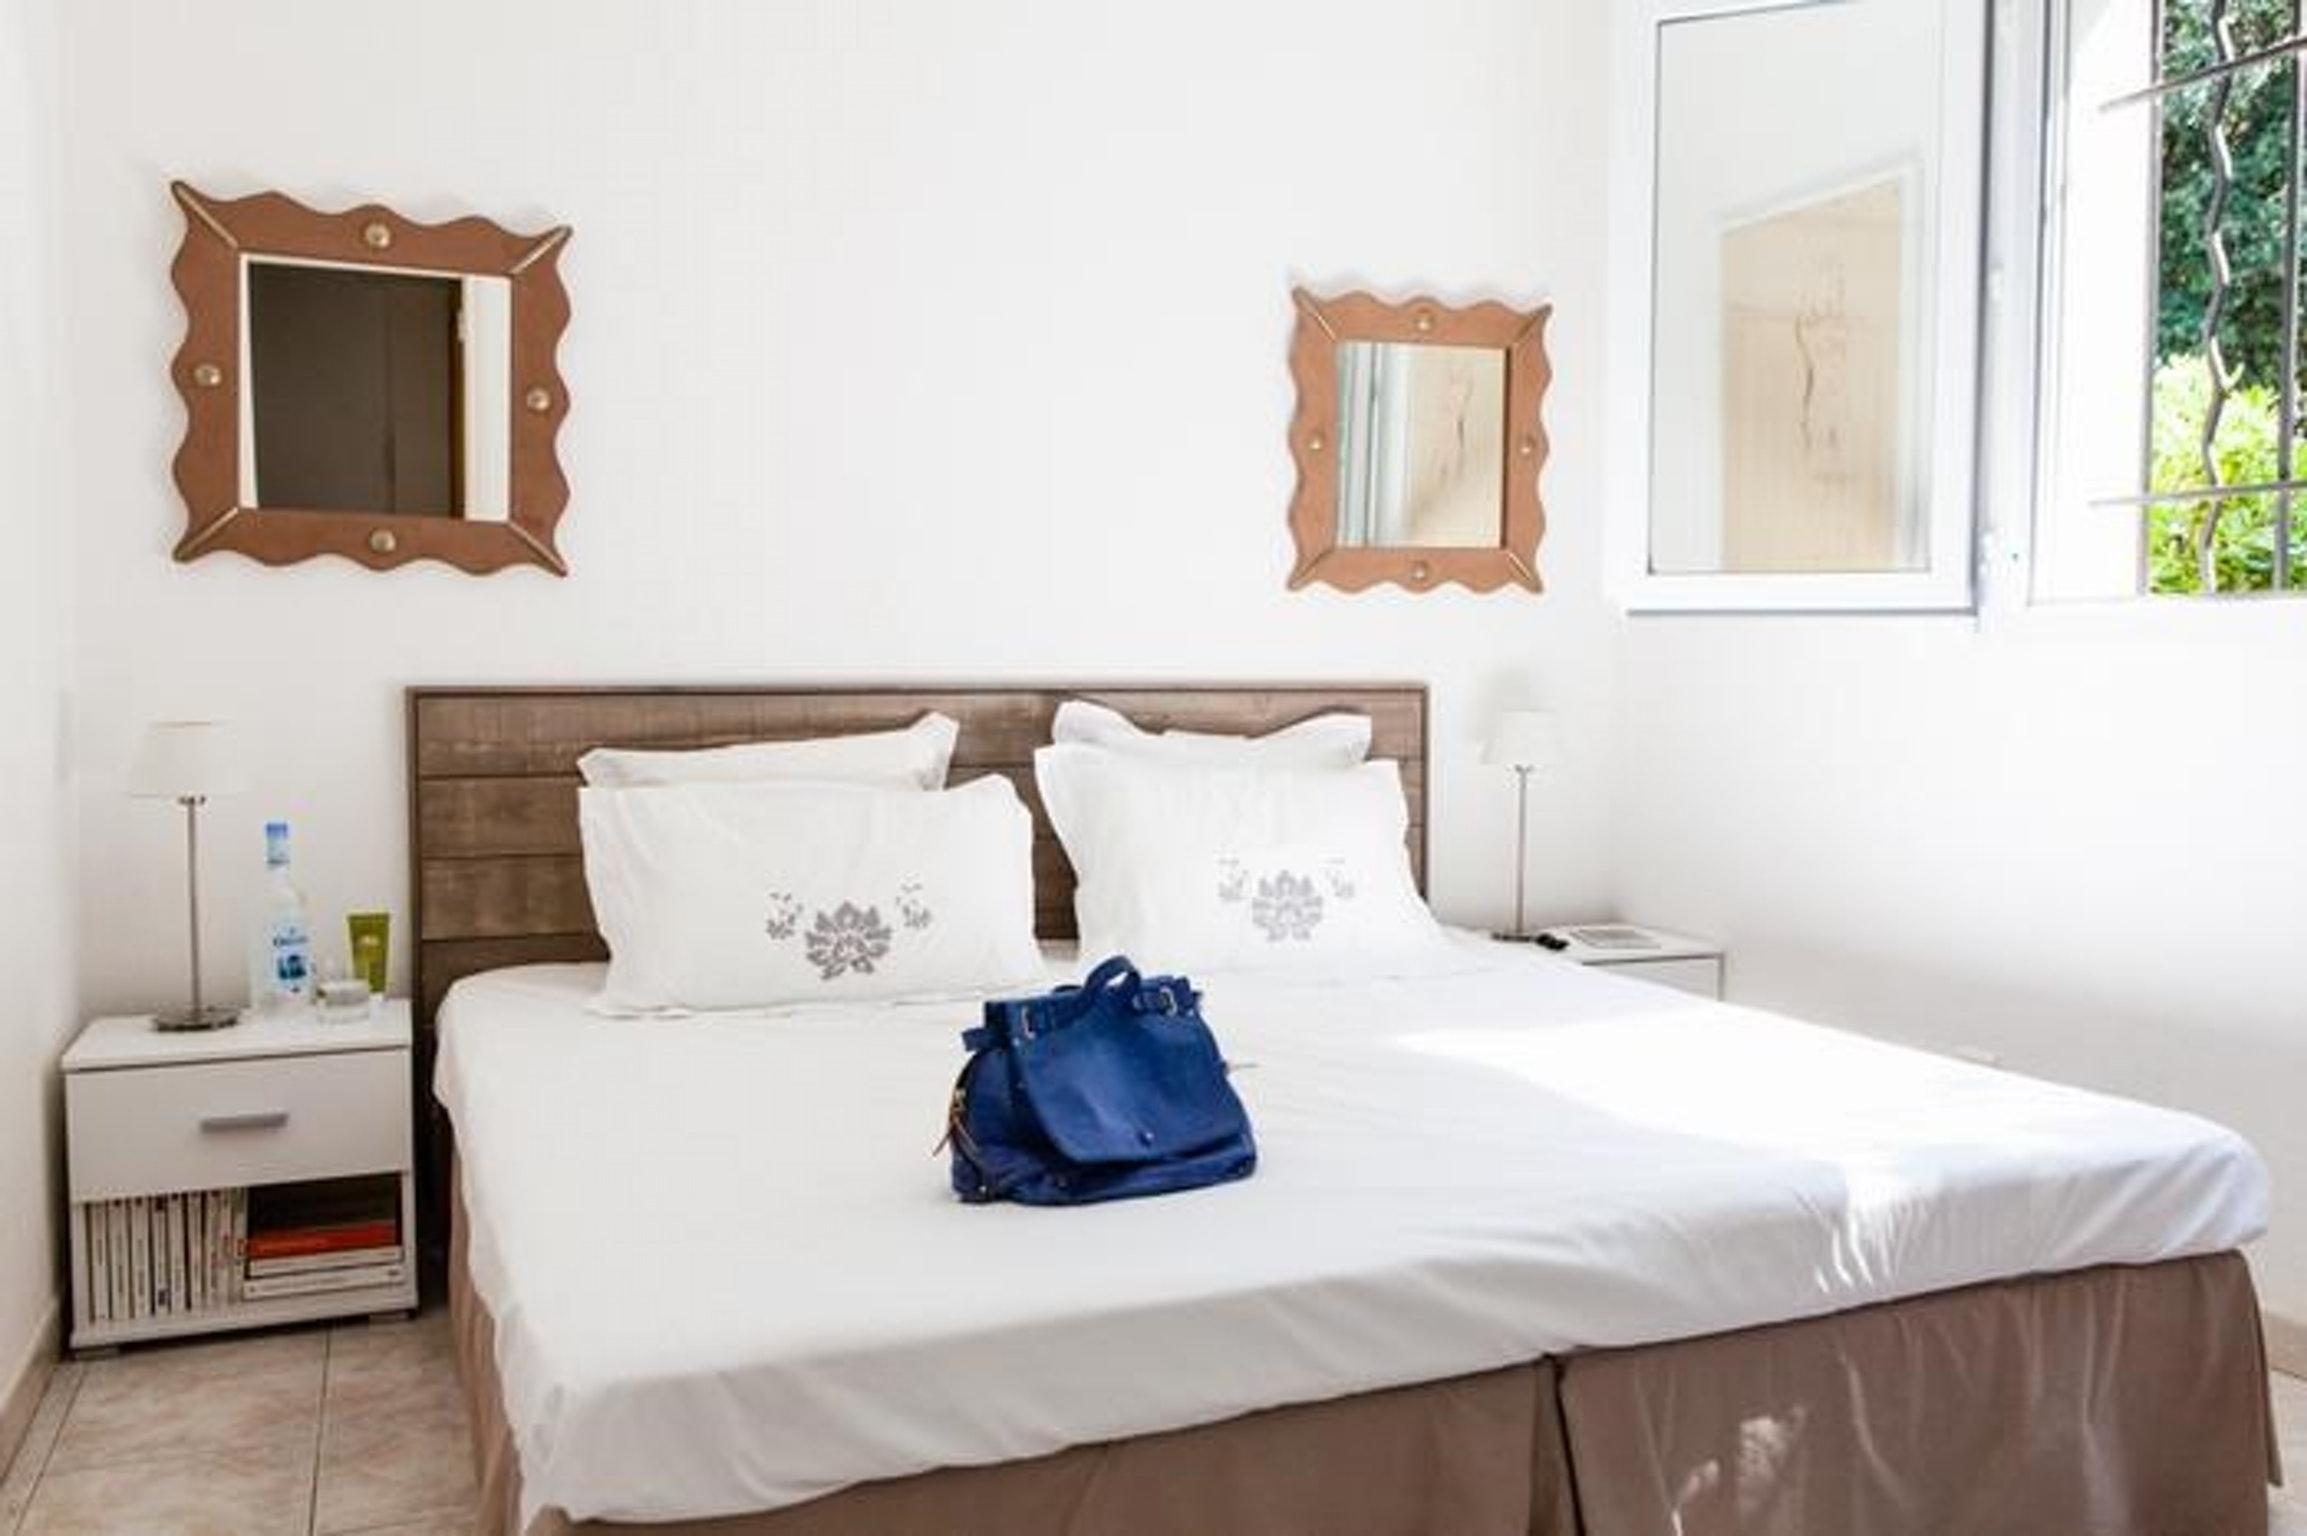 Ferienhaus Haus mit 3 Schlafzimmern in Lumio mit herrlichem Meerblick, eingezäuntem Garten und W-LAN  (2567720), Lumio, Nordkorsika, Korsika, Frankreich, Bild 7